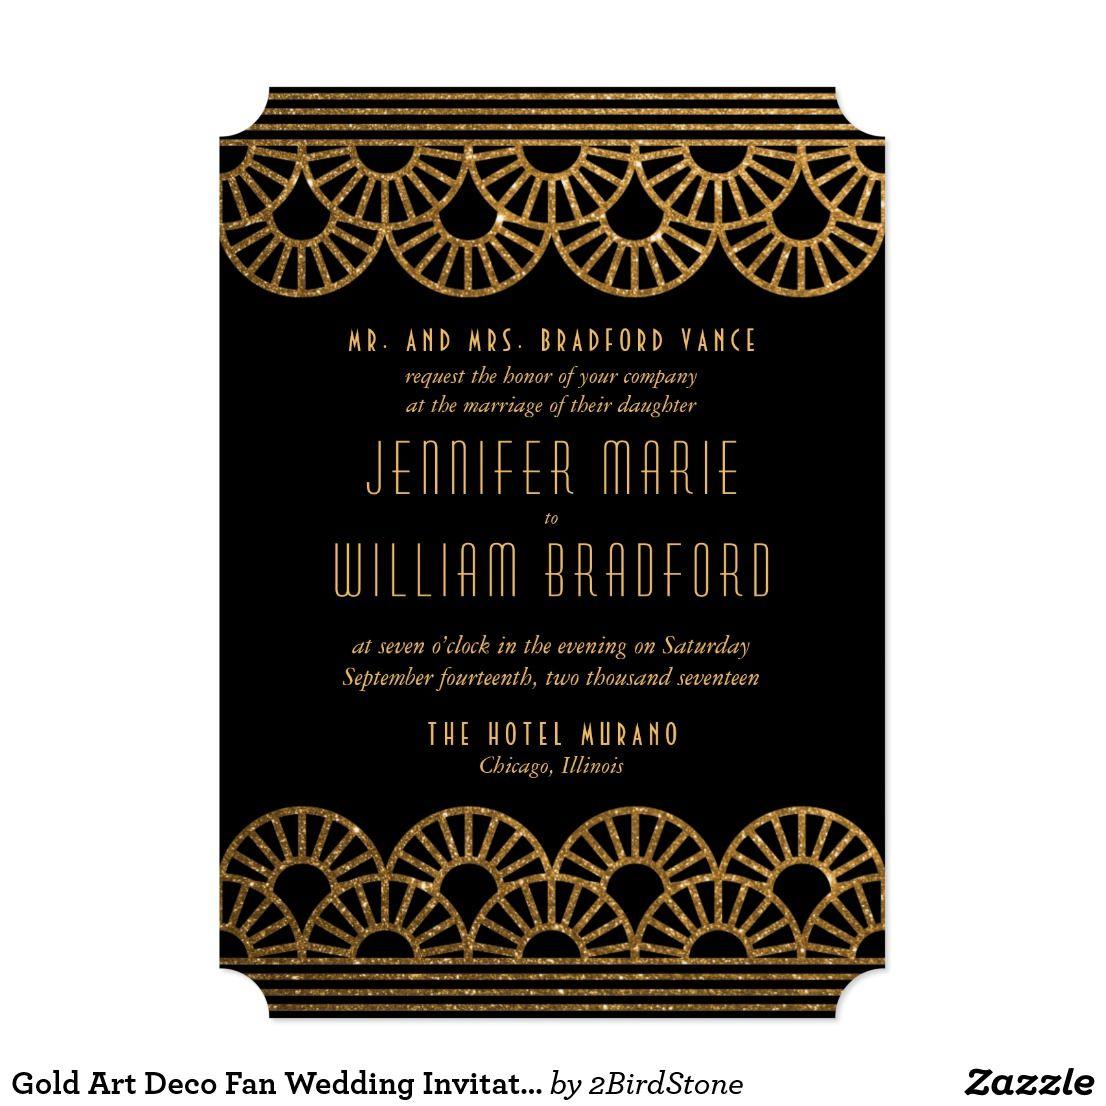 Gold Art Deco Fan Wedding Invitation Gatsby